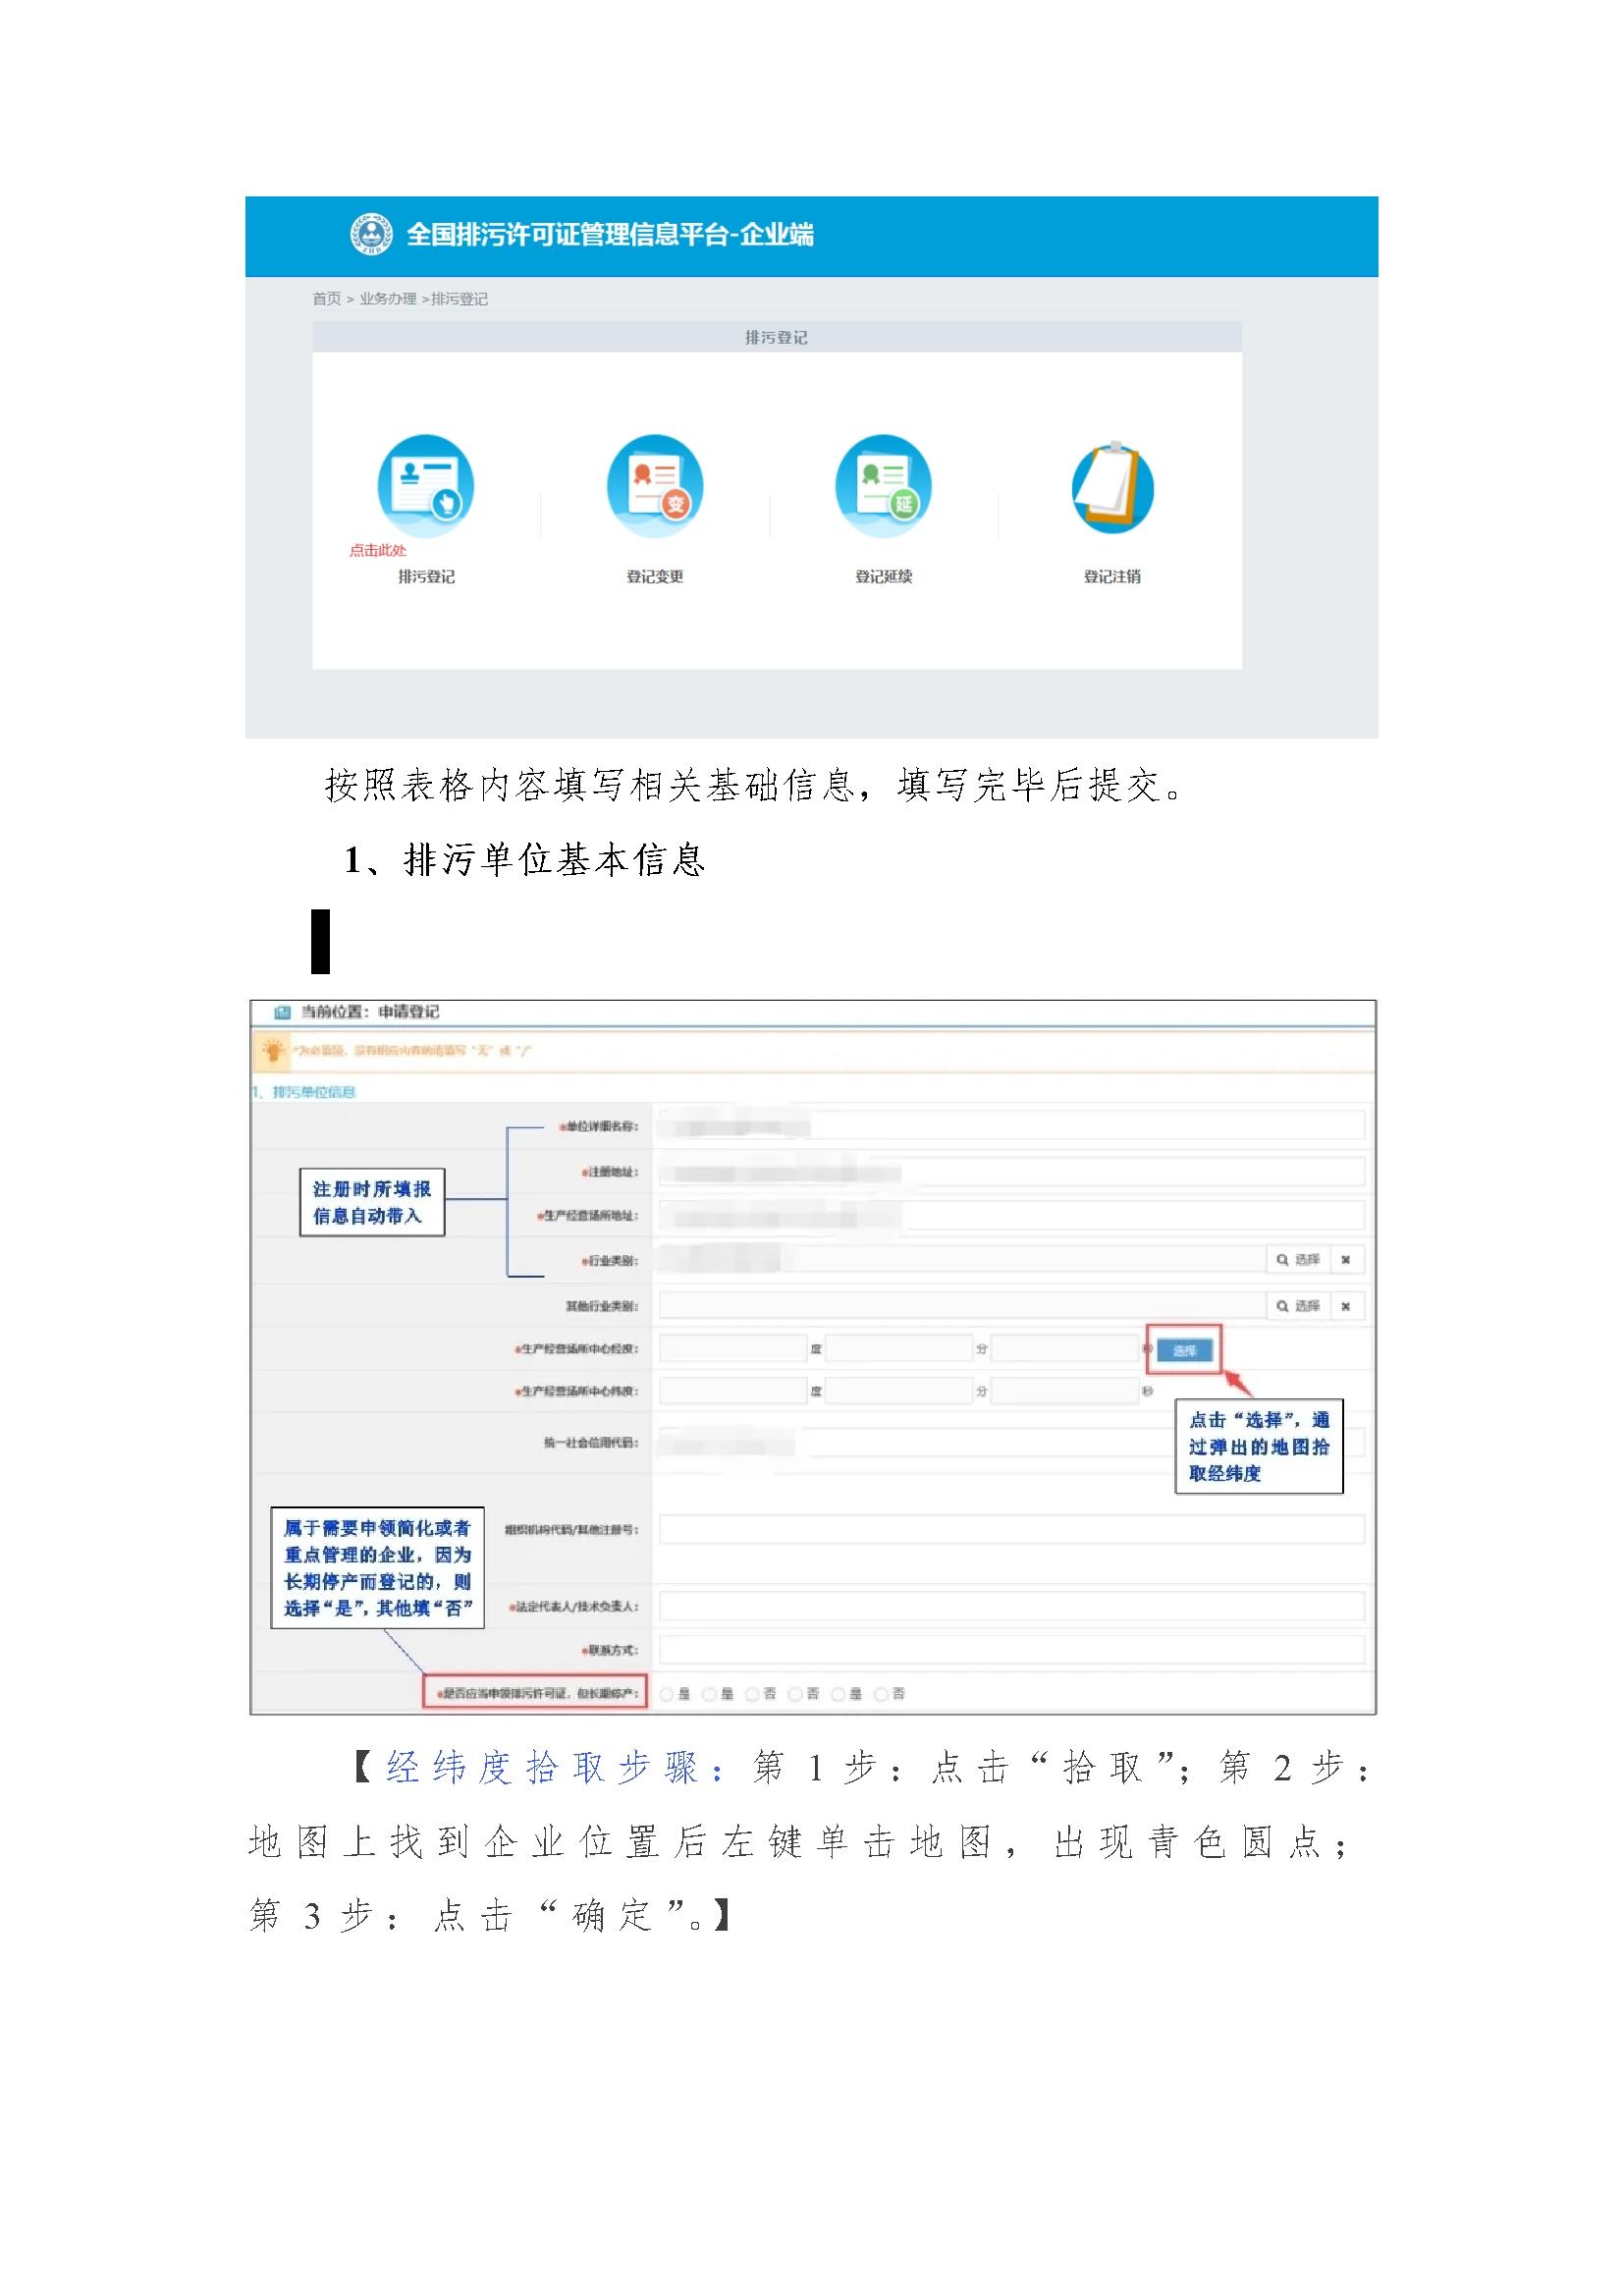 7梅县区固定污染源排污登记工作填报指南.jpg